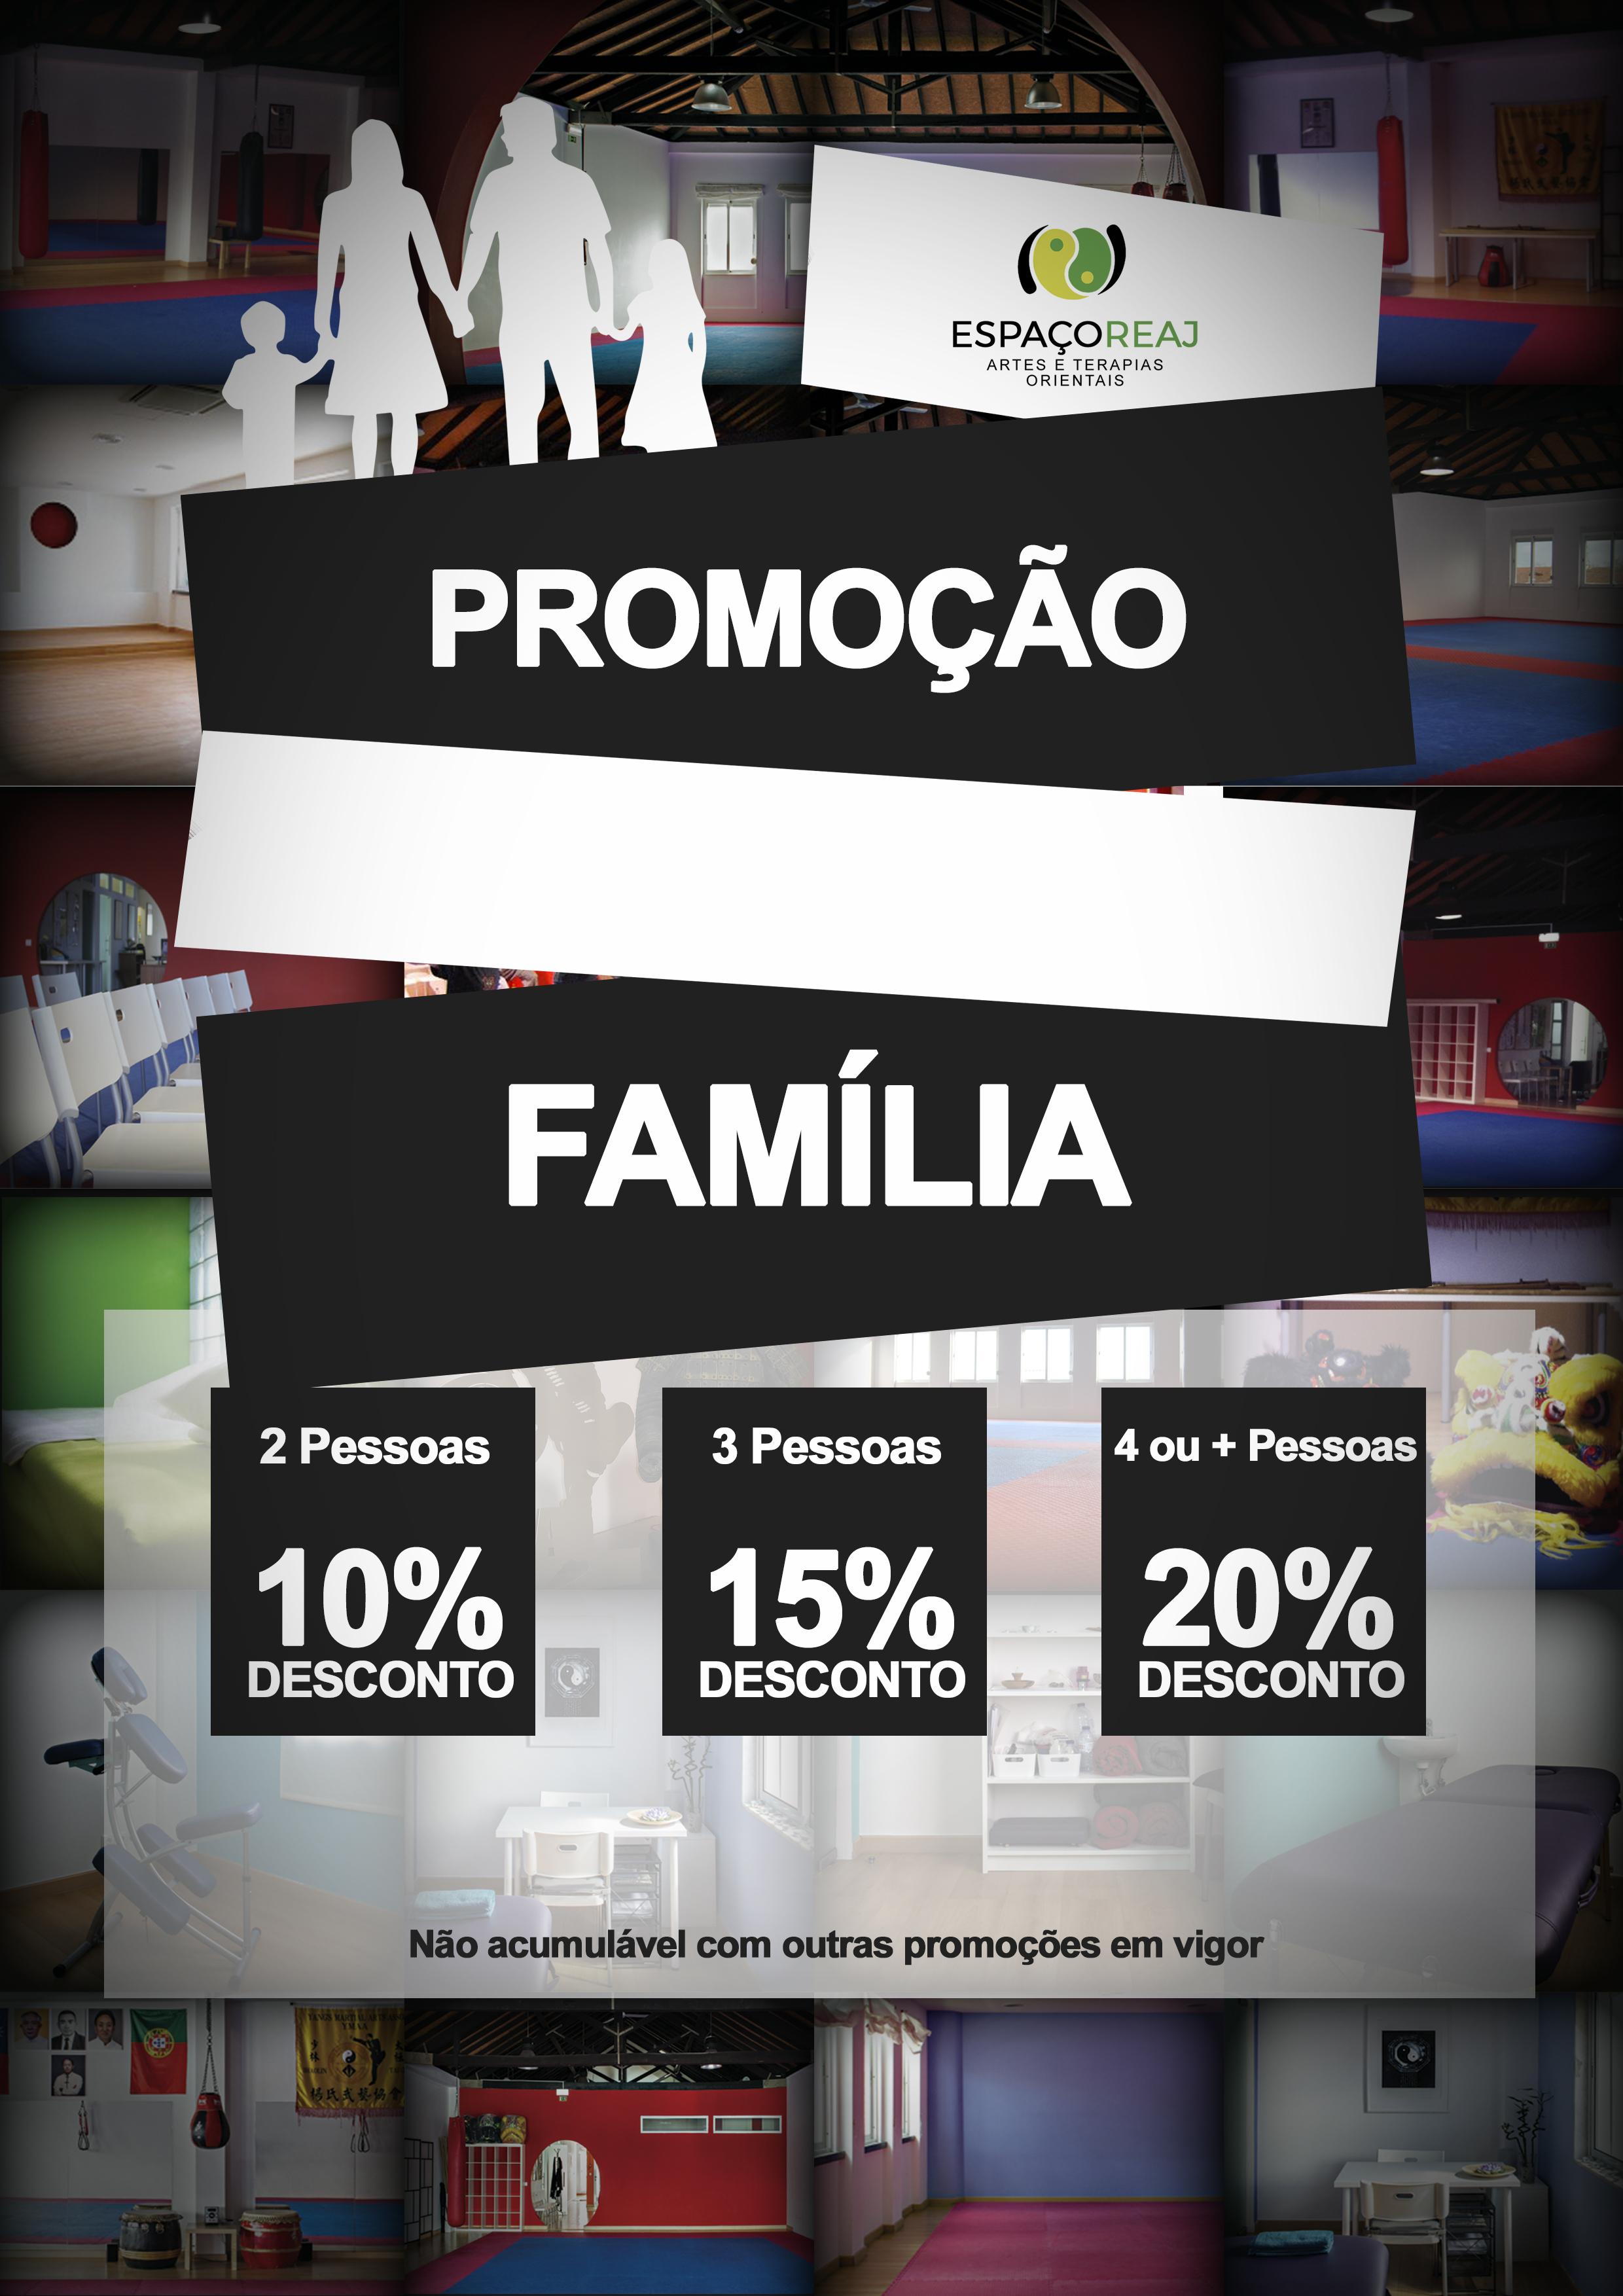 Promoção Família